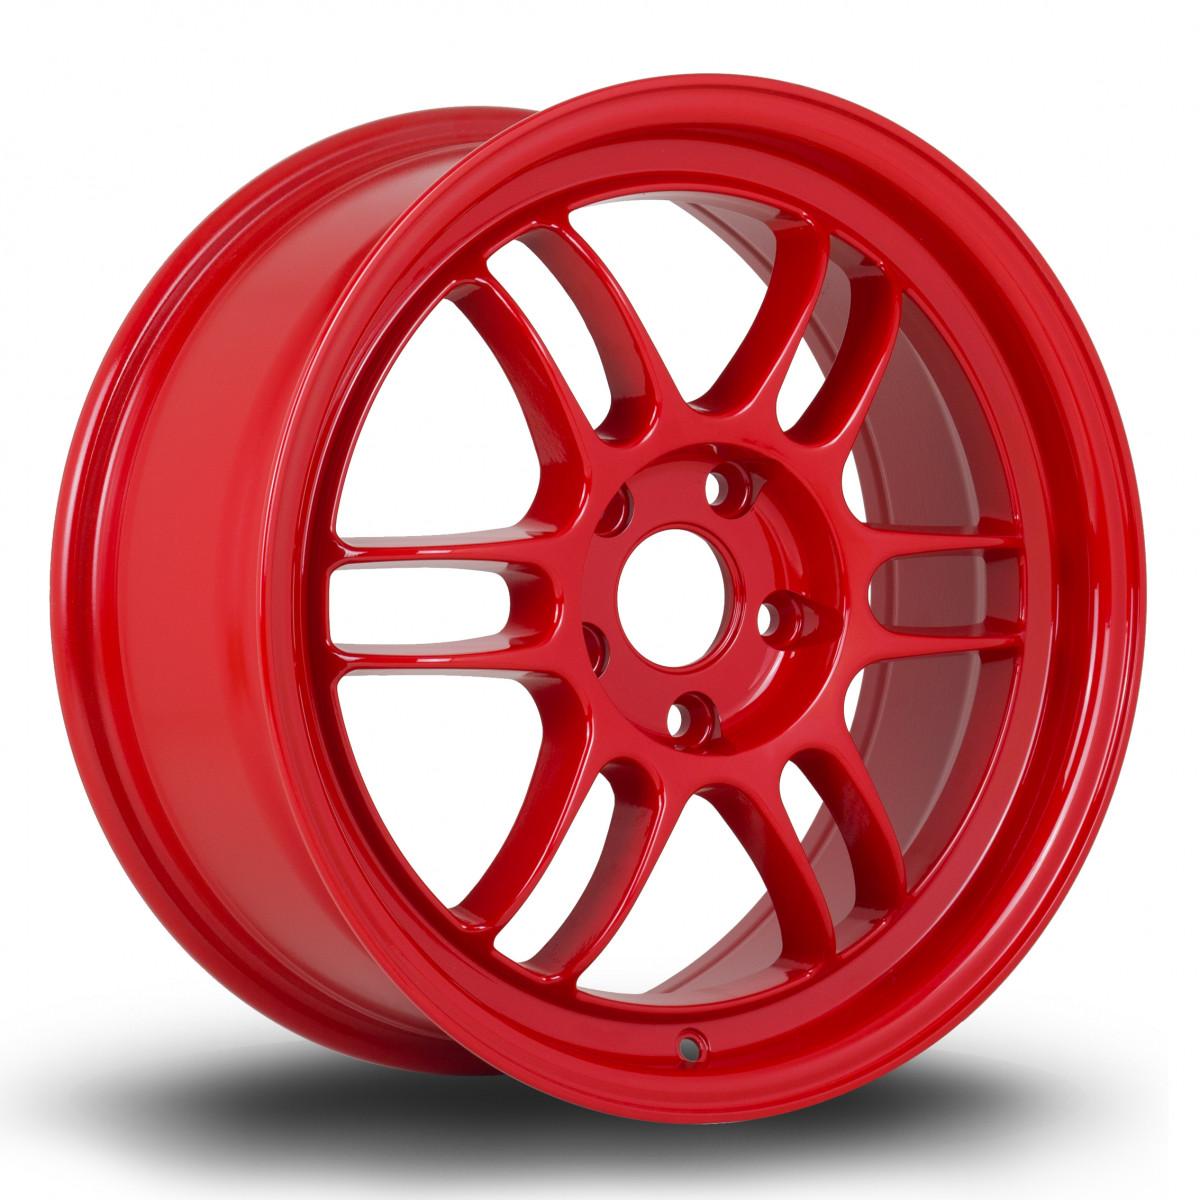 TFS301 17x7.5 5x114 ET42 Red